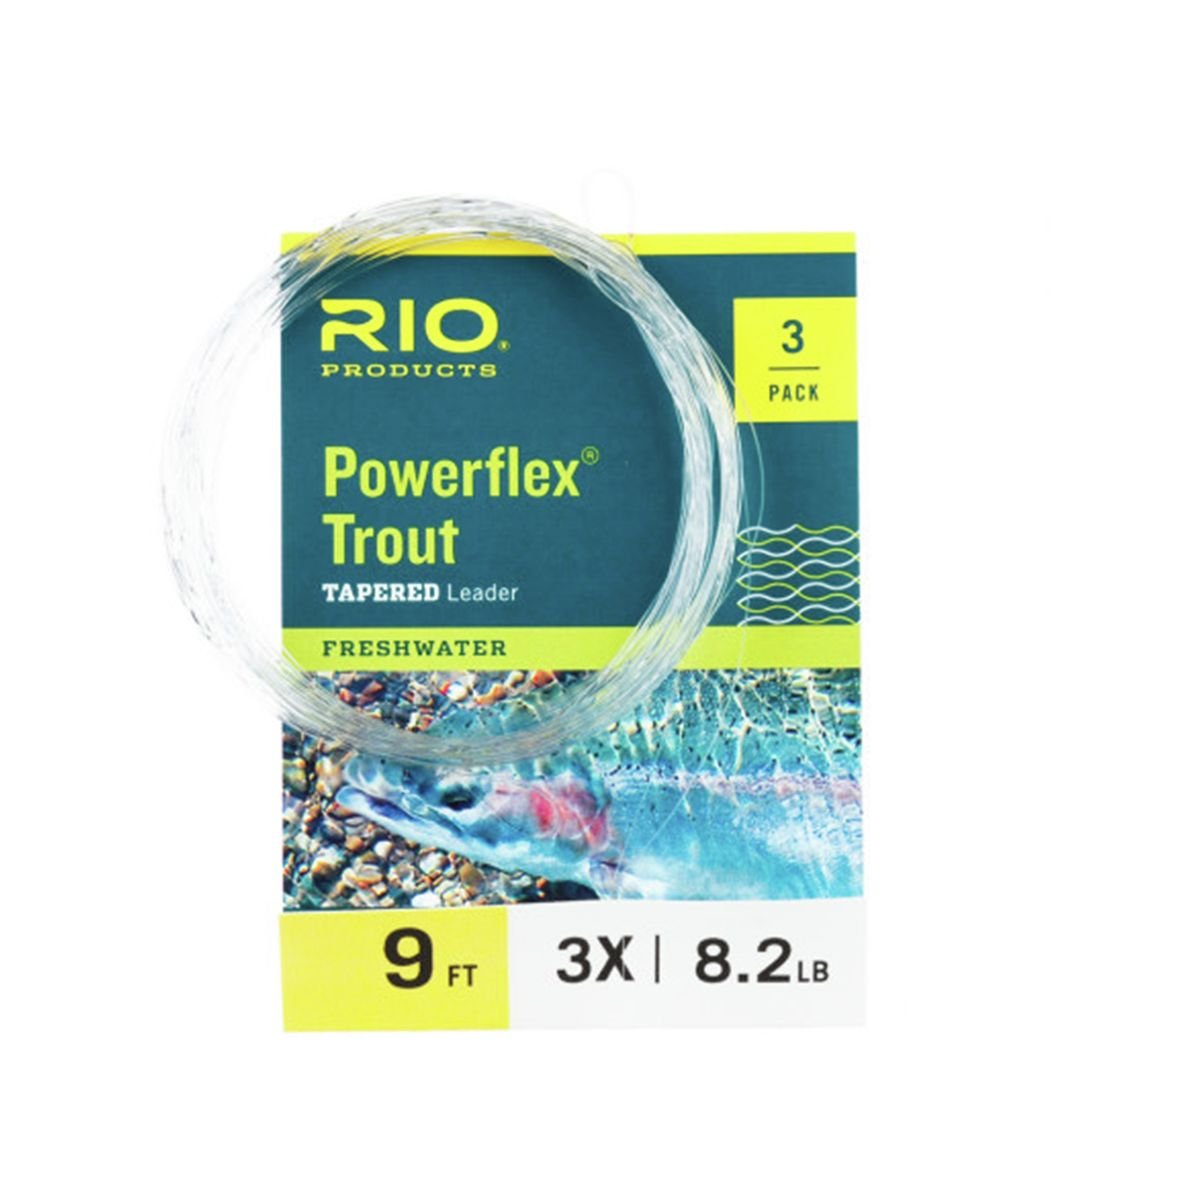 【 新品 】 Rio Powerflex 7.5 Fishing Ft。引出線3パック – – Fly Fishing Rio B005WYLSVY 0X, 青森ほたて本舗:fdc8f977 --- a0267596.xsph.ru